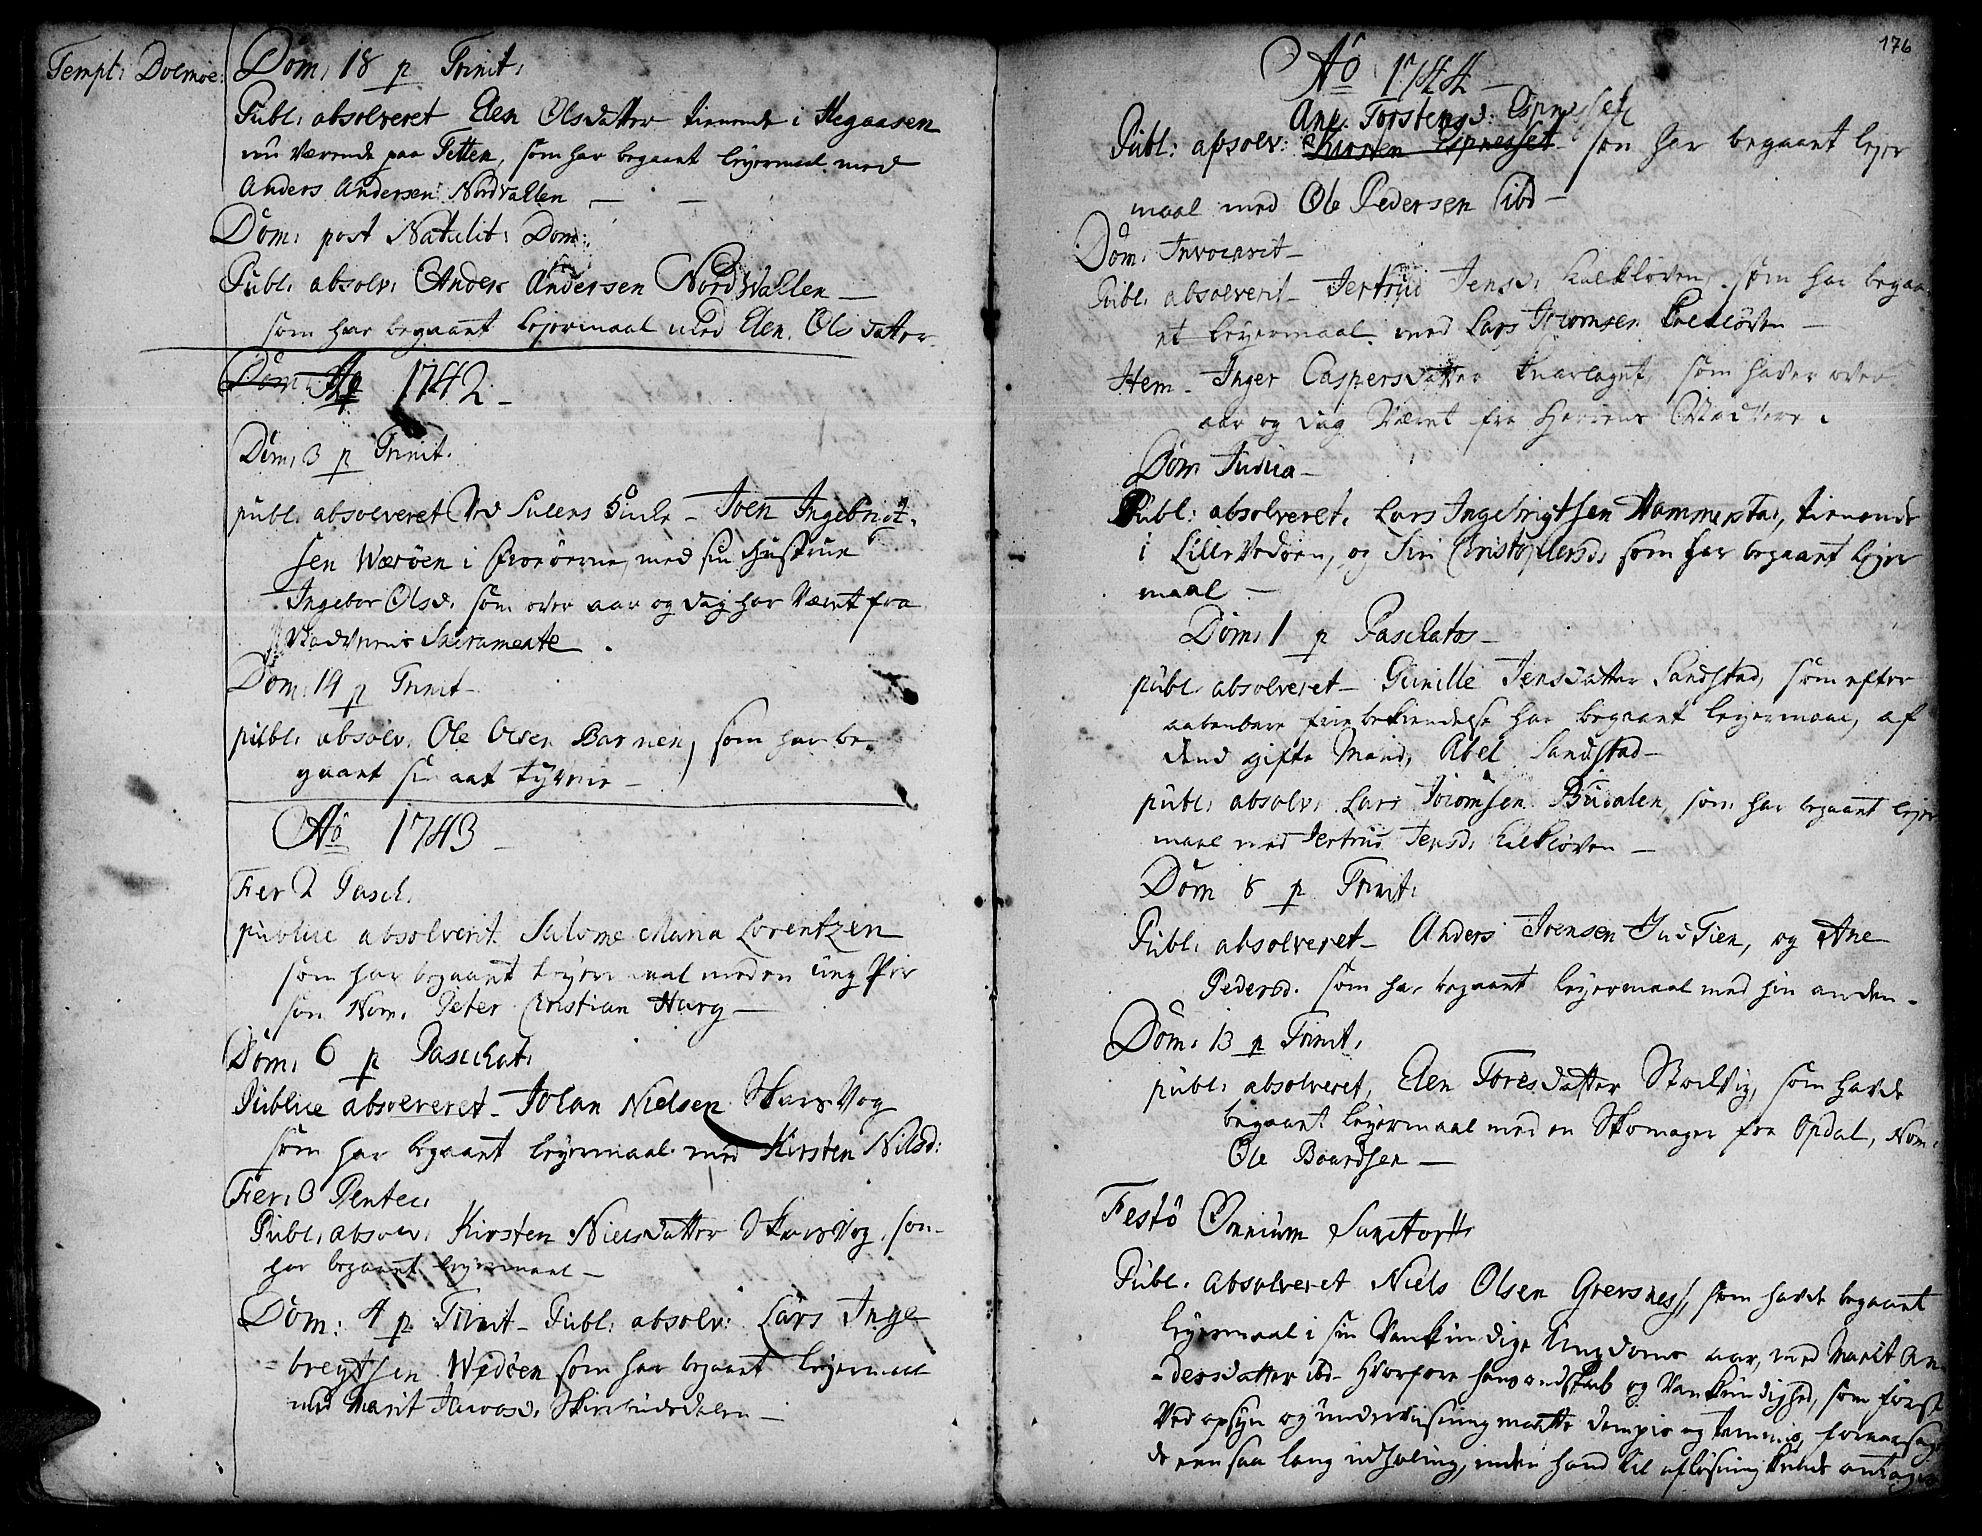 SAT, Ministerialprotokoller, klokkerbøker og fødselsregistre - Sør-Trøndelag, 634/L0525: Ministerialbok nr. 634A01, 1736-1775, s. 176